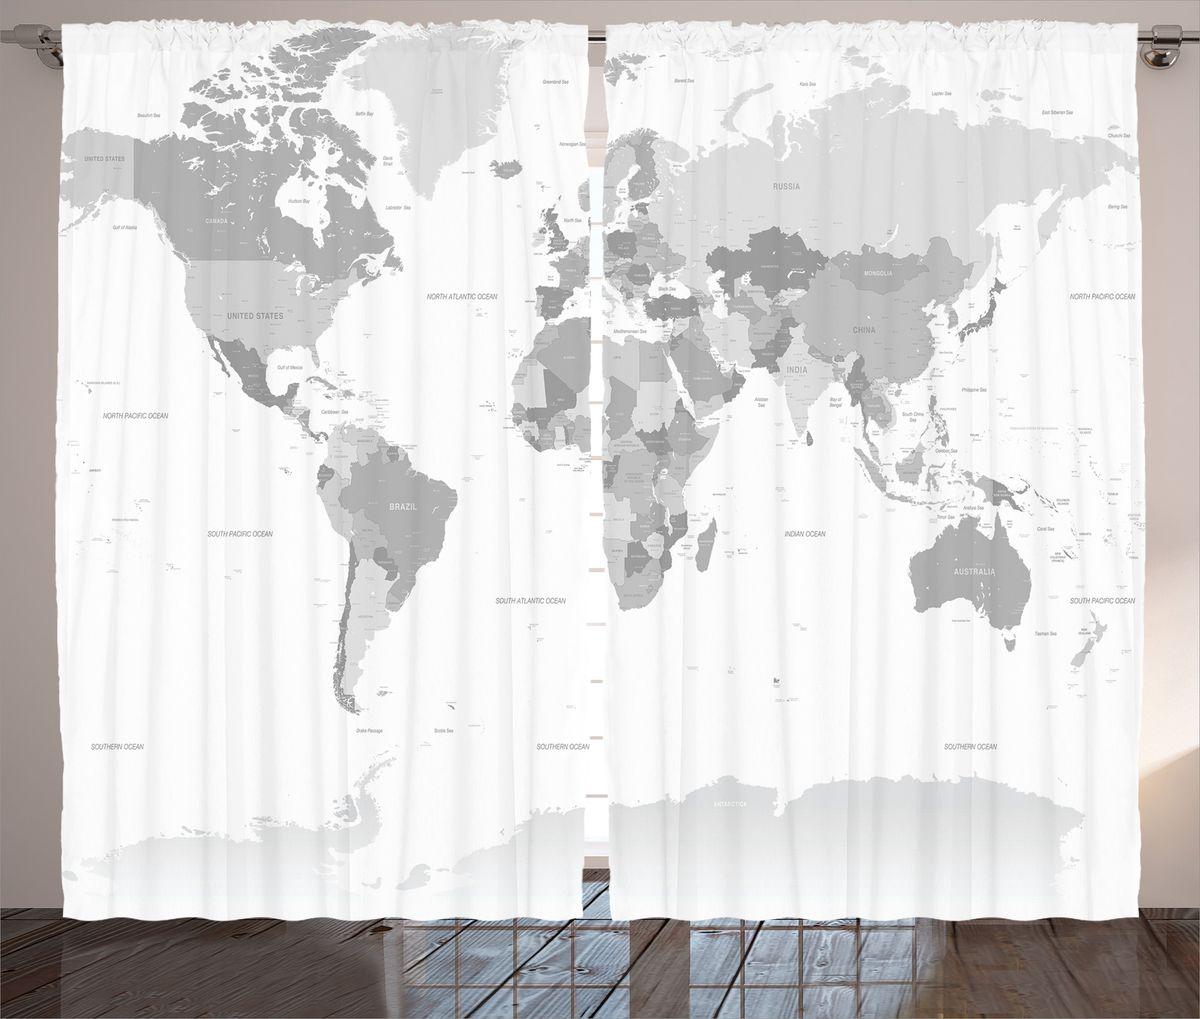 Комплект фотоштор Magic Lady Политическая карта мира, на ленте, высота 265 см. шсг_18025шсг_18025Компания Сэмболь изготавливает шторы из высококачественного сатена (полиэстер 100%). При изготовлении используются специальные гипоаллергенные чернила для прямой печати по ткани, безопасные для человека и животных. Экологичность продукции Magic lady и безопасность для окружающей среды подтверждены сертификатом Oeko-Tex Standard 100. Крепление: крючки для крепления на шторной ленте (50 шт). Возможно крепление на трубу. Внимание! При нанесении сублимационной печати на ткань технологическим методом при температуре 240°С, возможно отклонение полученных размеров (указанных на этикетке и сайте) от стандартных на + - 3-5 см. Производитель старается максимально точно передать цвета изделия на фотографиях, однако искажения неизбежны и фактический цвет изделия может отличаться от воспринимаемого по фото. Обратите внимание! Шторы изготовлены из полиэстра сатенового переплетения, а не из сатина (хлопок). Размер одного полотна шторы: 145х265 см. В комплекте 2 полотна шторы и 50 крючков.